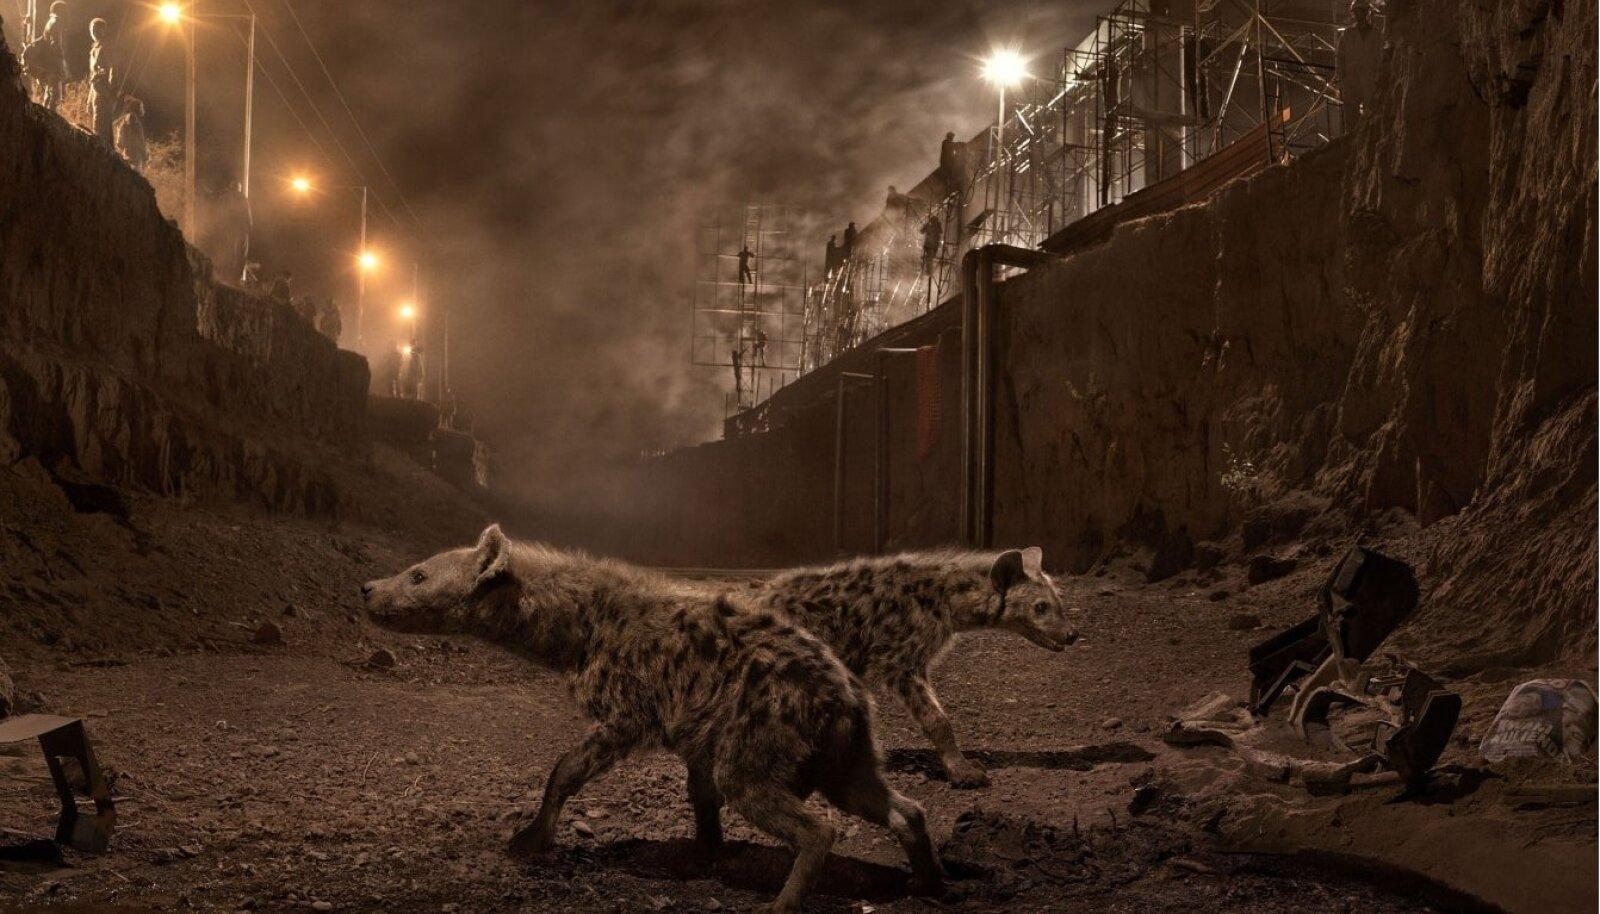 """Nick Brandt, """"River Bed with Hyenas"""". Autor ehitab industriaal- või kaevanduskeskkonda matkivad võtteplatsid ning pildistab seal loomi."""